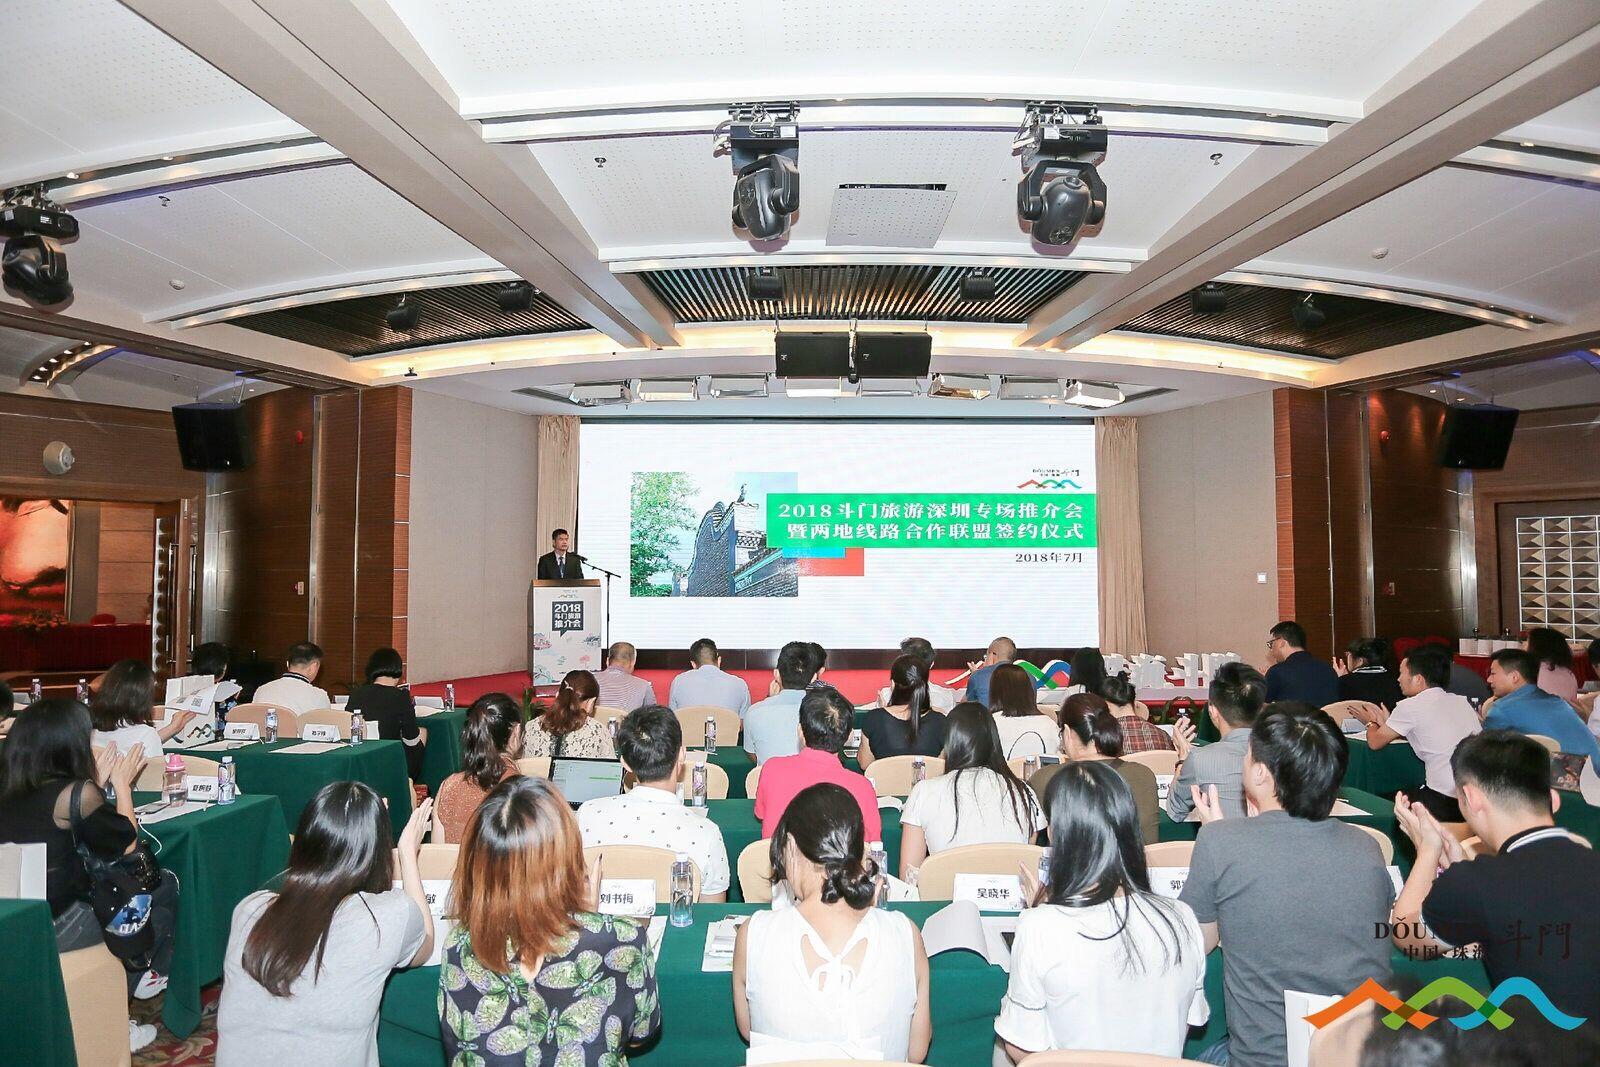 2018斗门旅游深圳专场推介会暨两地线路合作联盟签约仪式